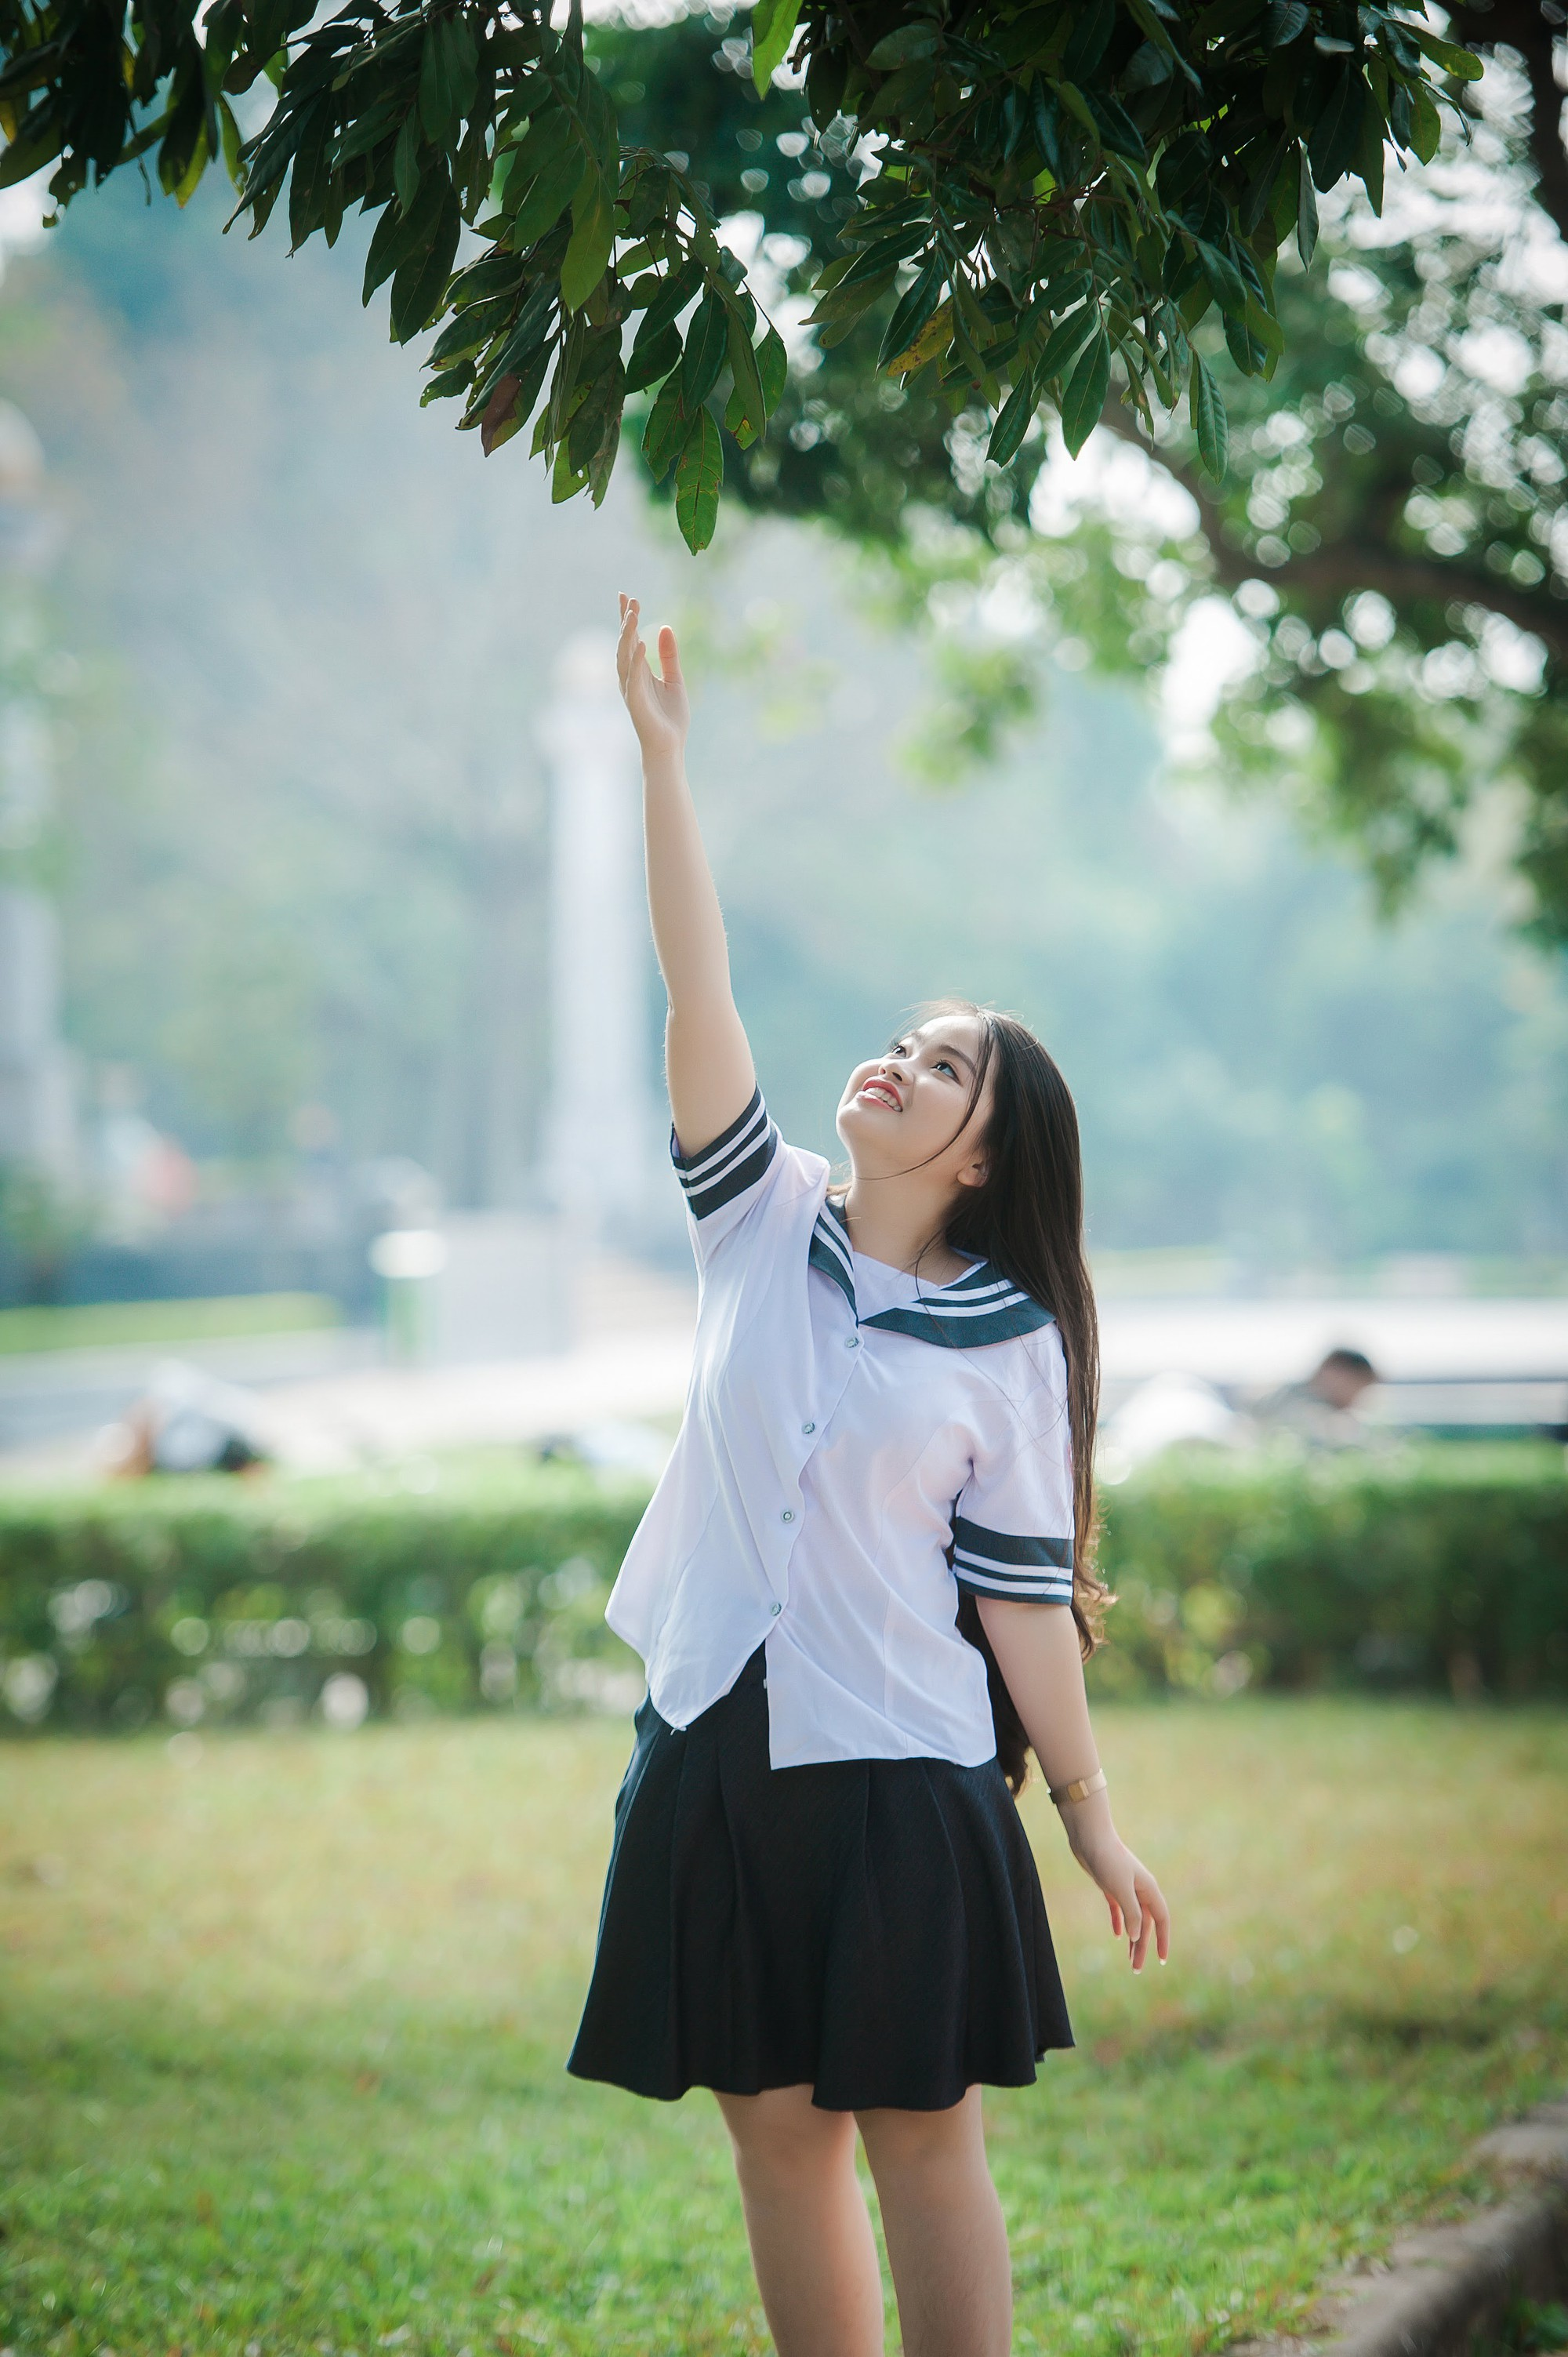 Nữ sinh 2000 ở Nam Định giành học bổng 4 tỷ du học Mỹ - Ảnh 2.